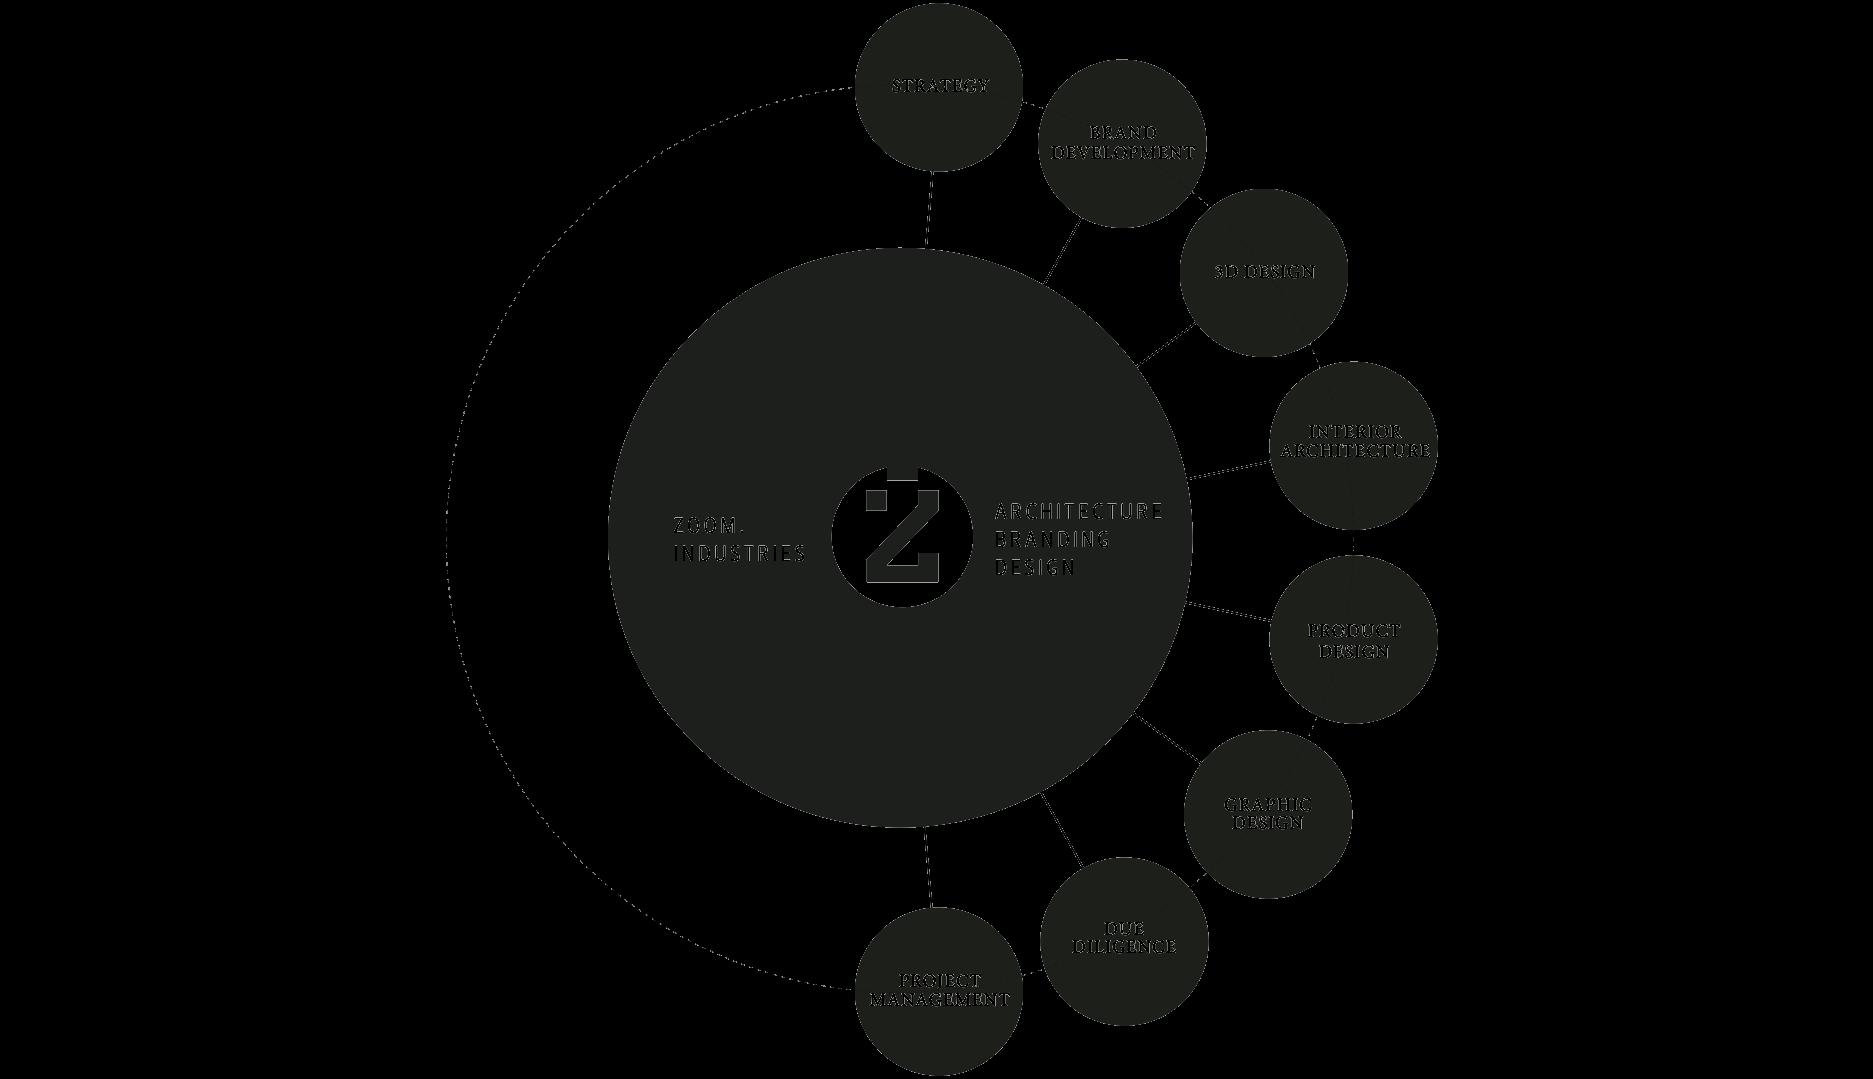 Zoom Industries Architecture branding design work range